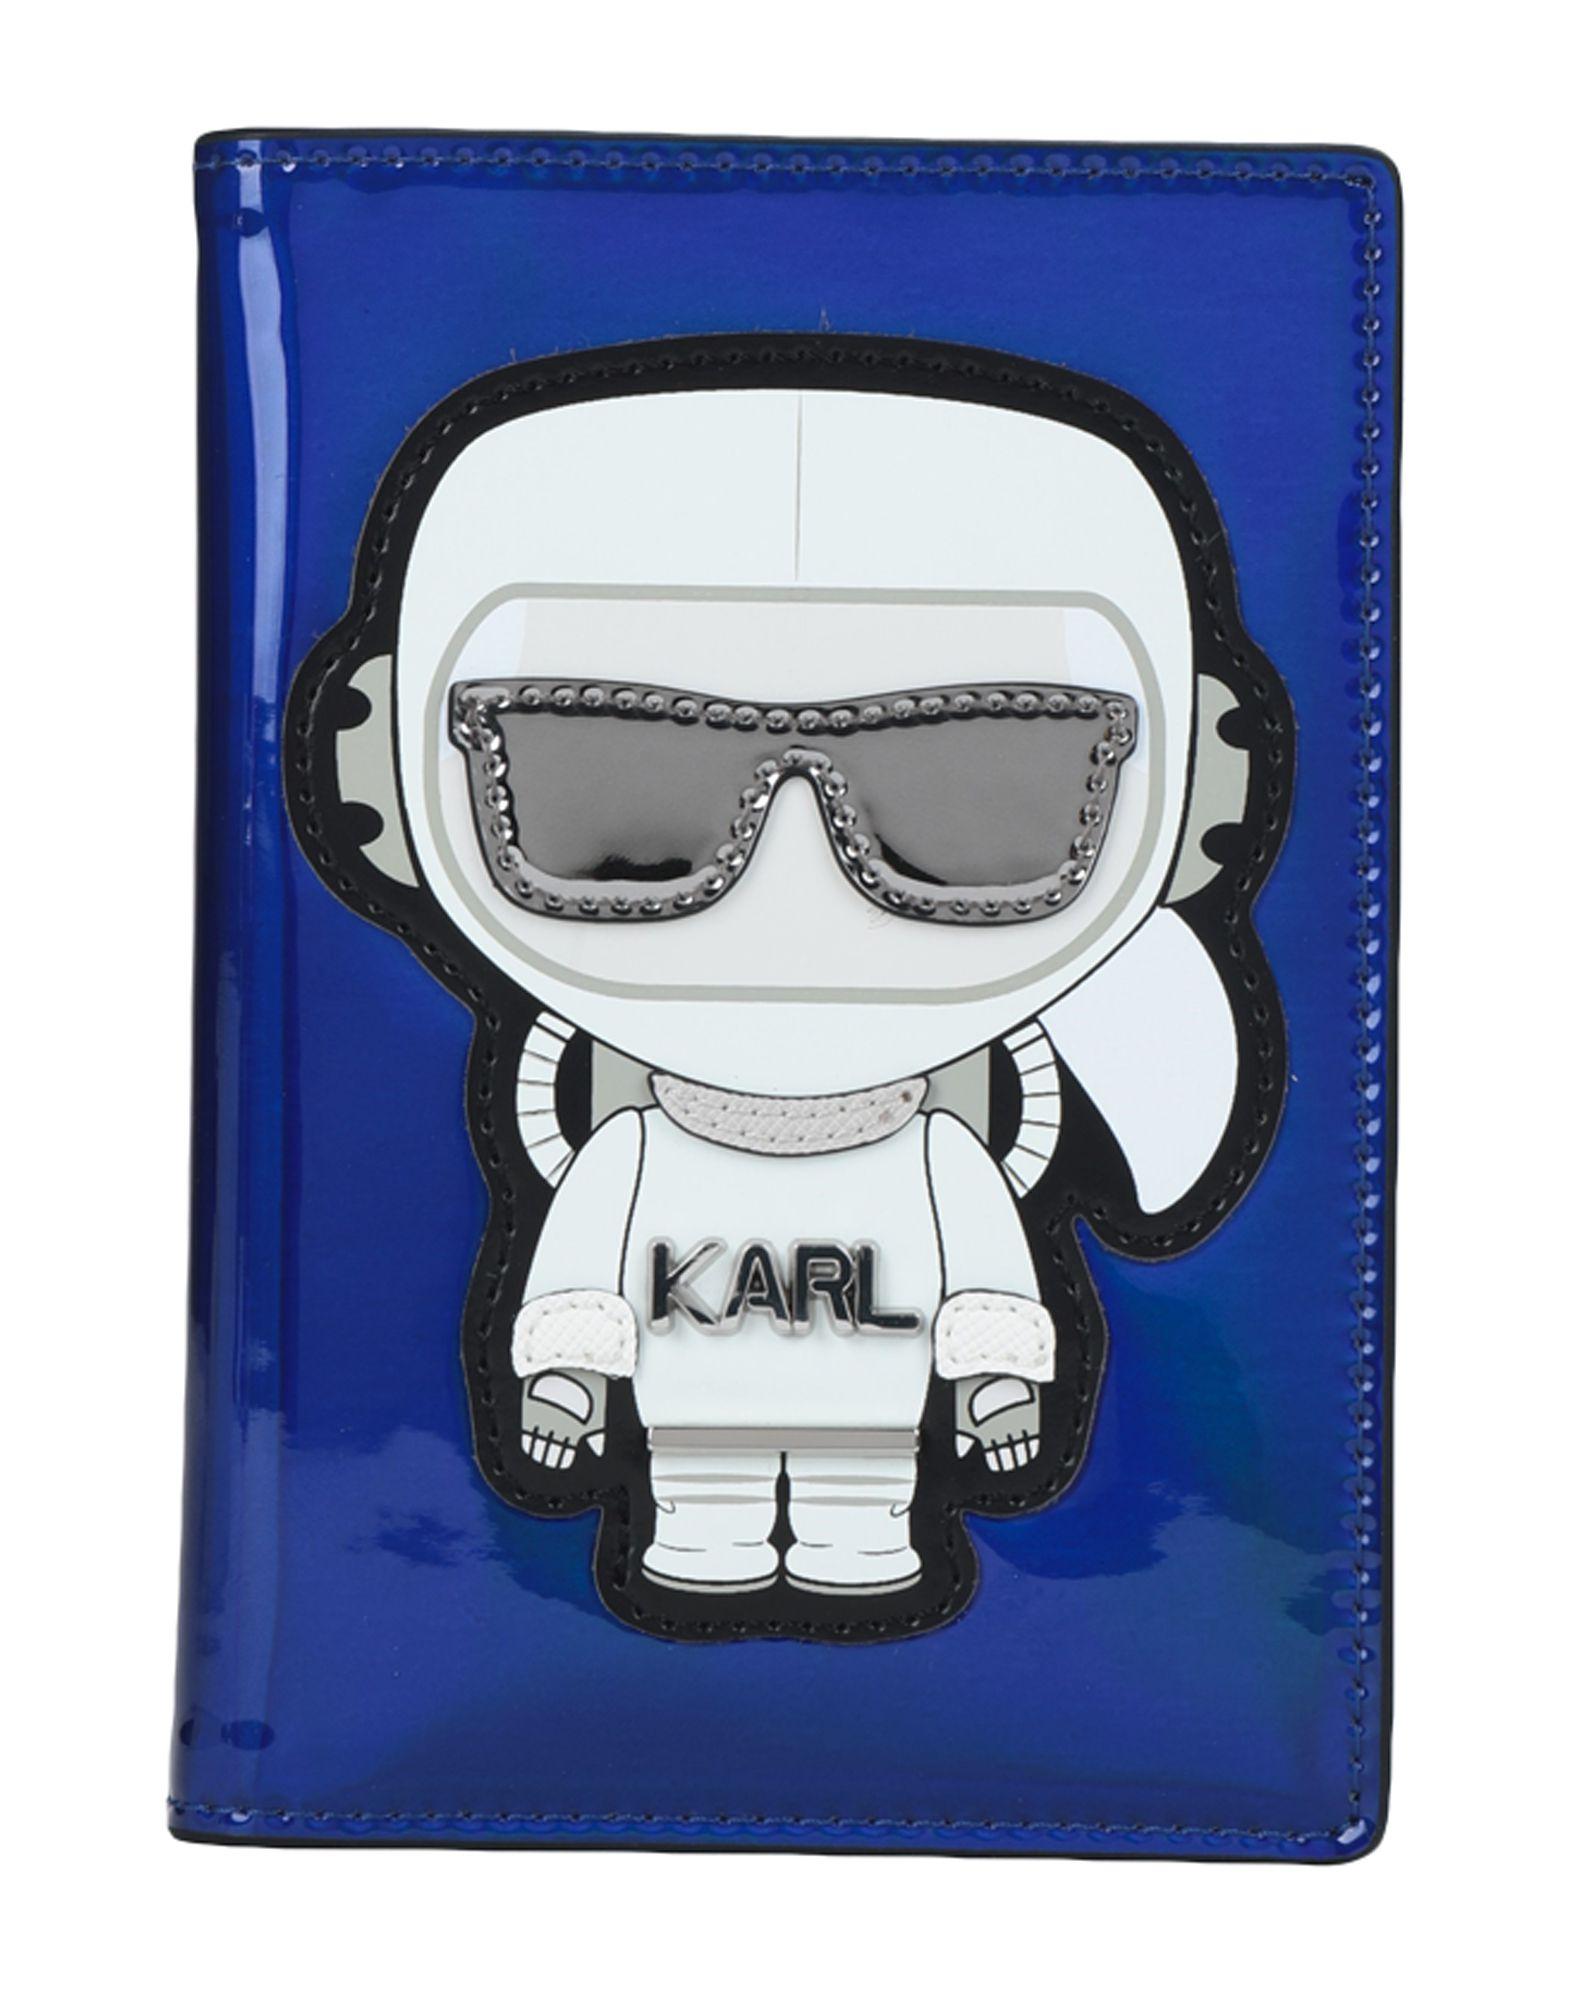 《セール開催中》KARL LAGERFELD レディース ドキュメントホルダー ブルー ポリウレタン 100%